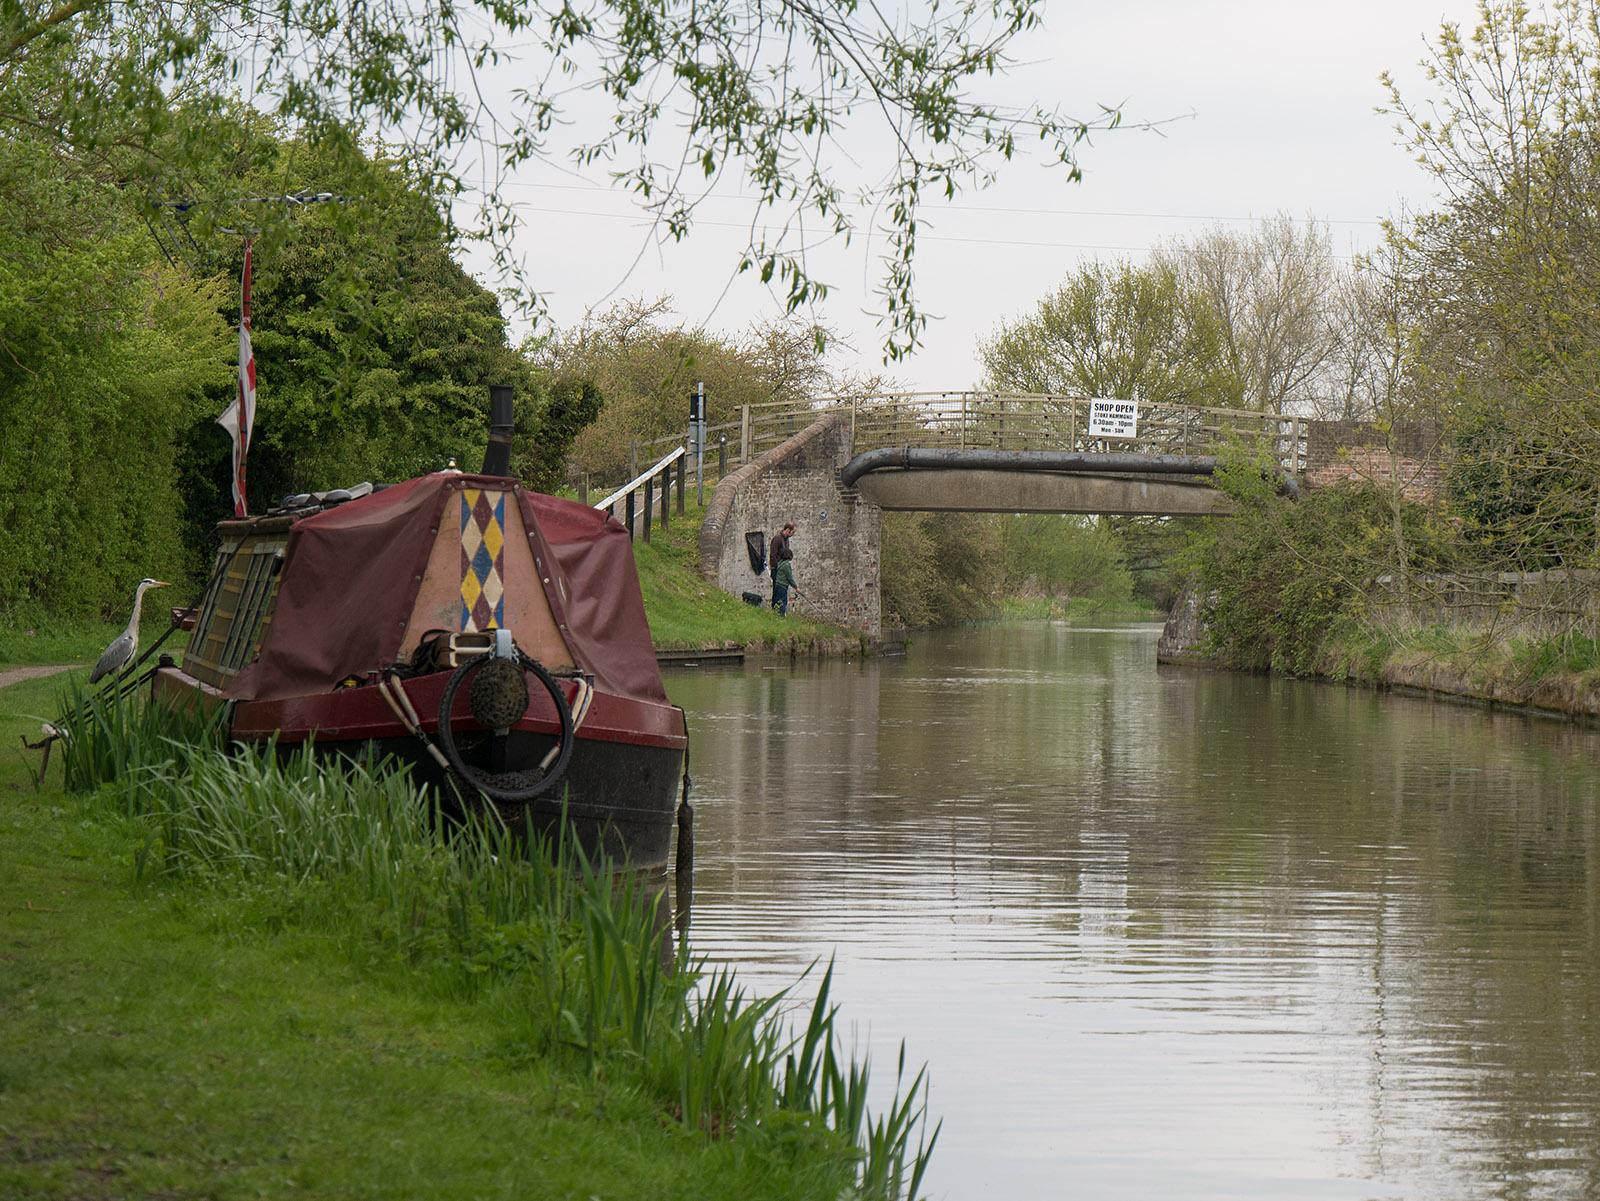 Bridge 106 at Stoke Hammond - spot the heron!